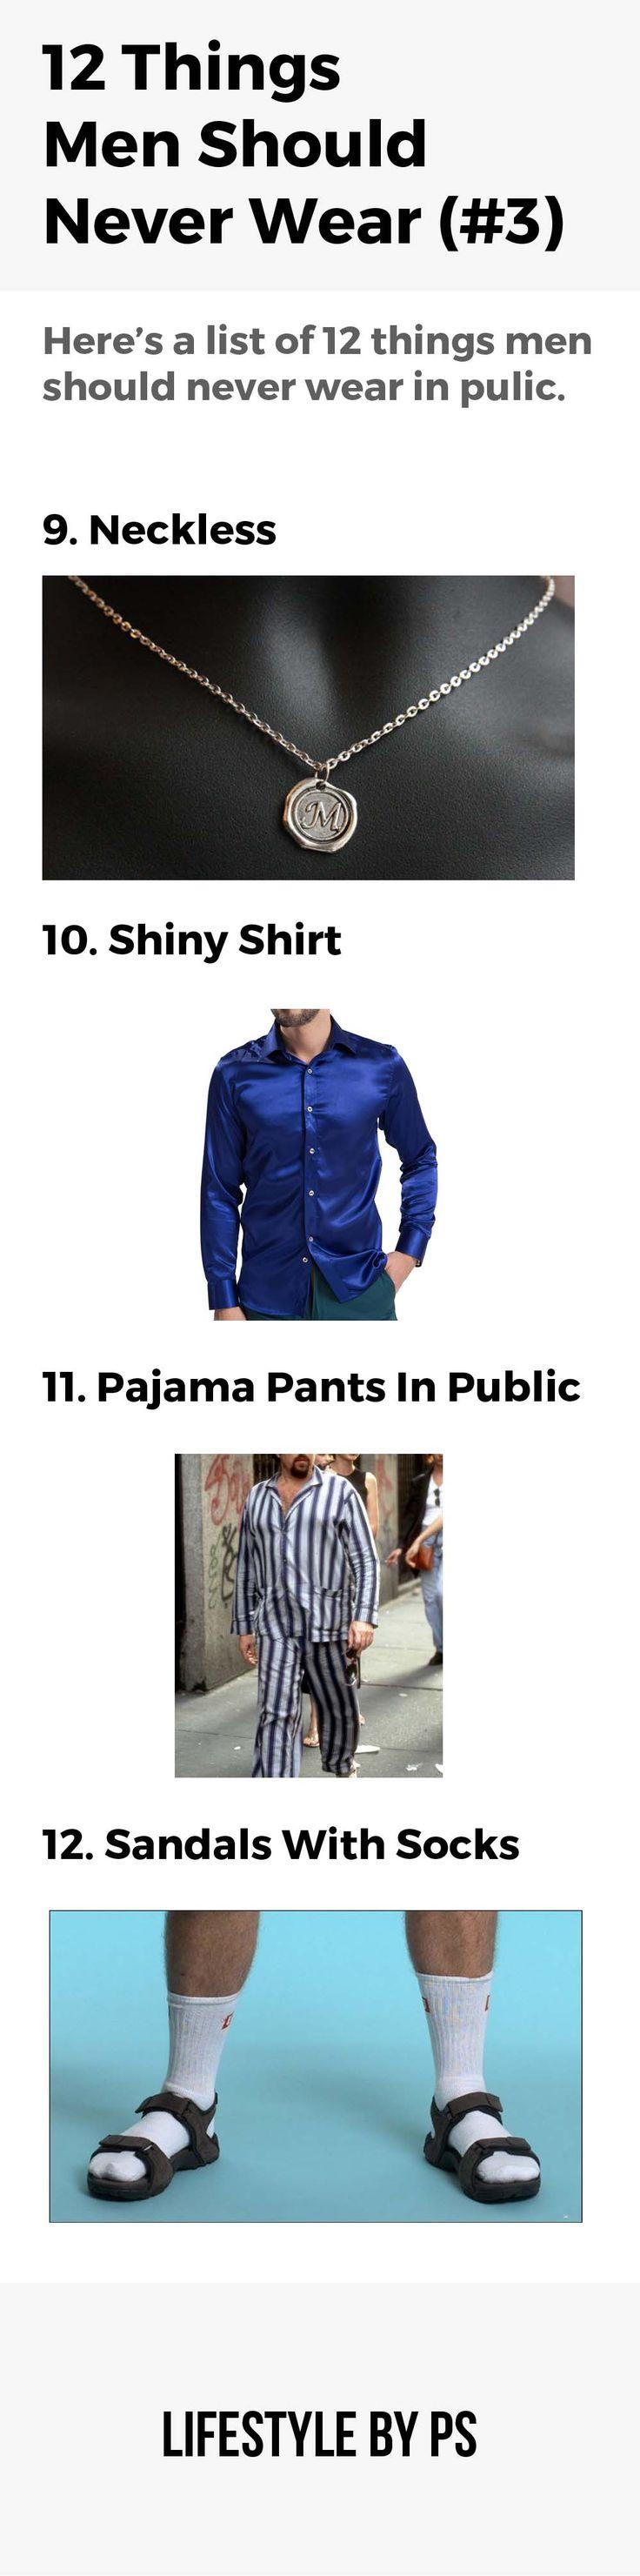 things men should not wear in public  #mens #fashion